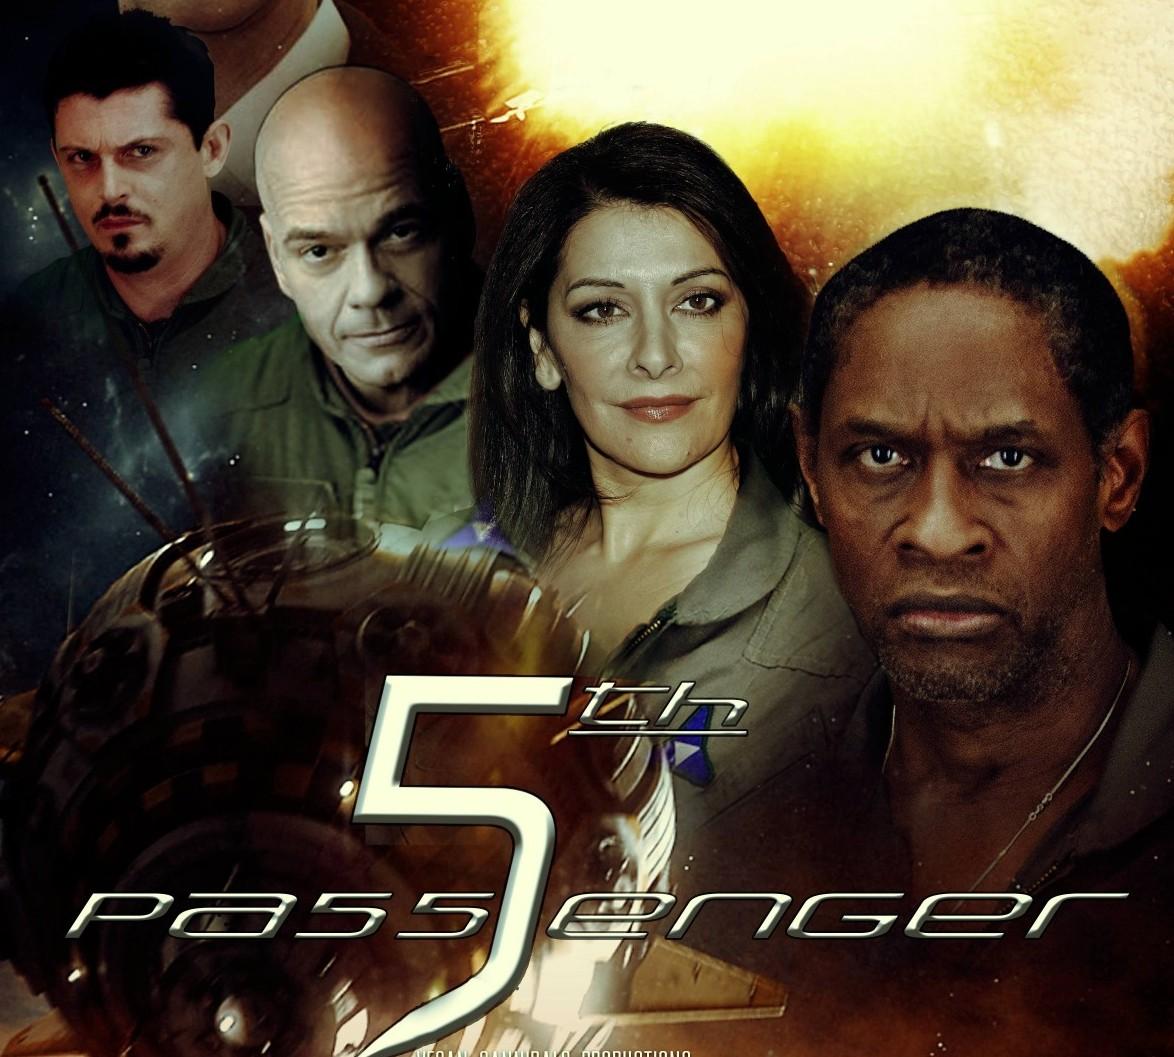 Smarter Scifi: The 5th Passenger